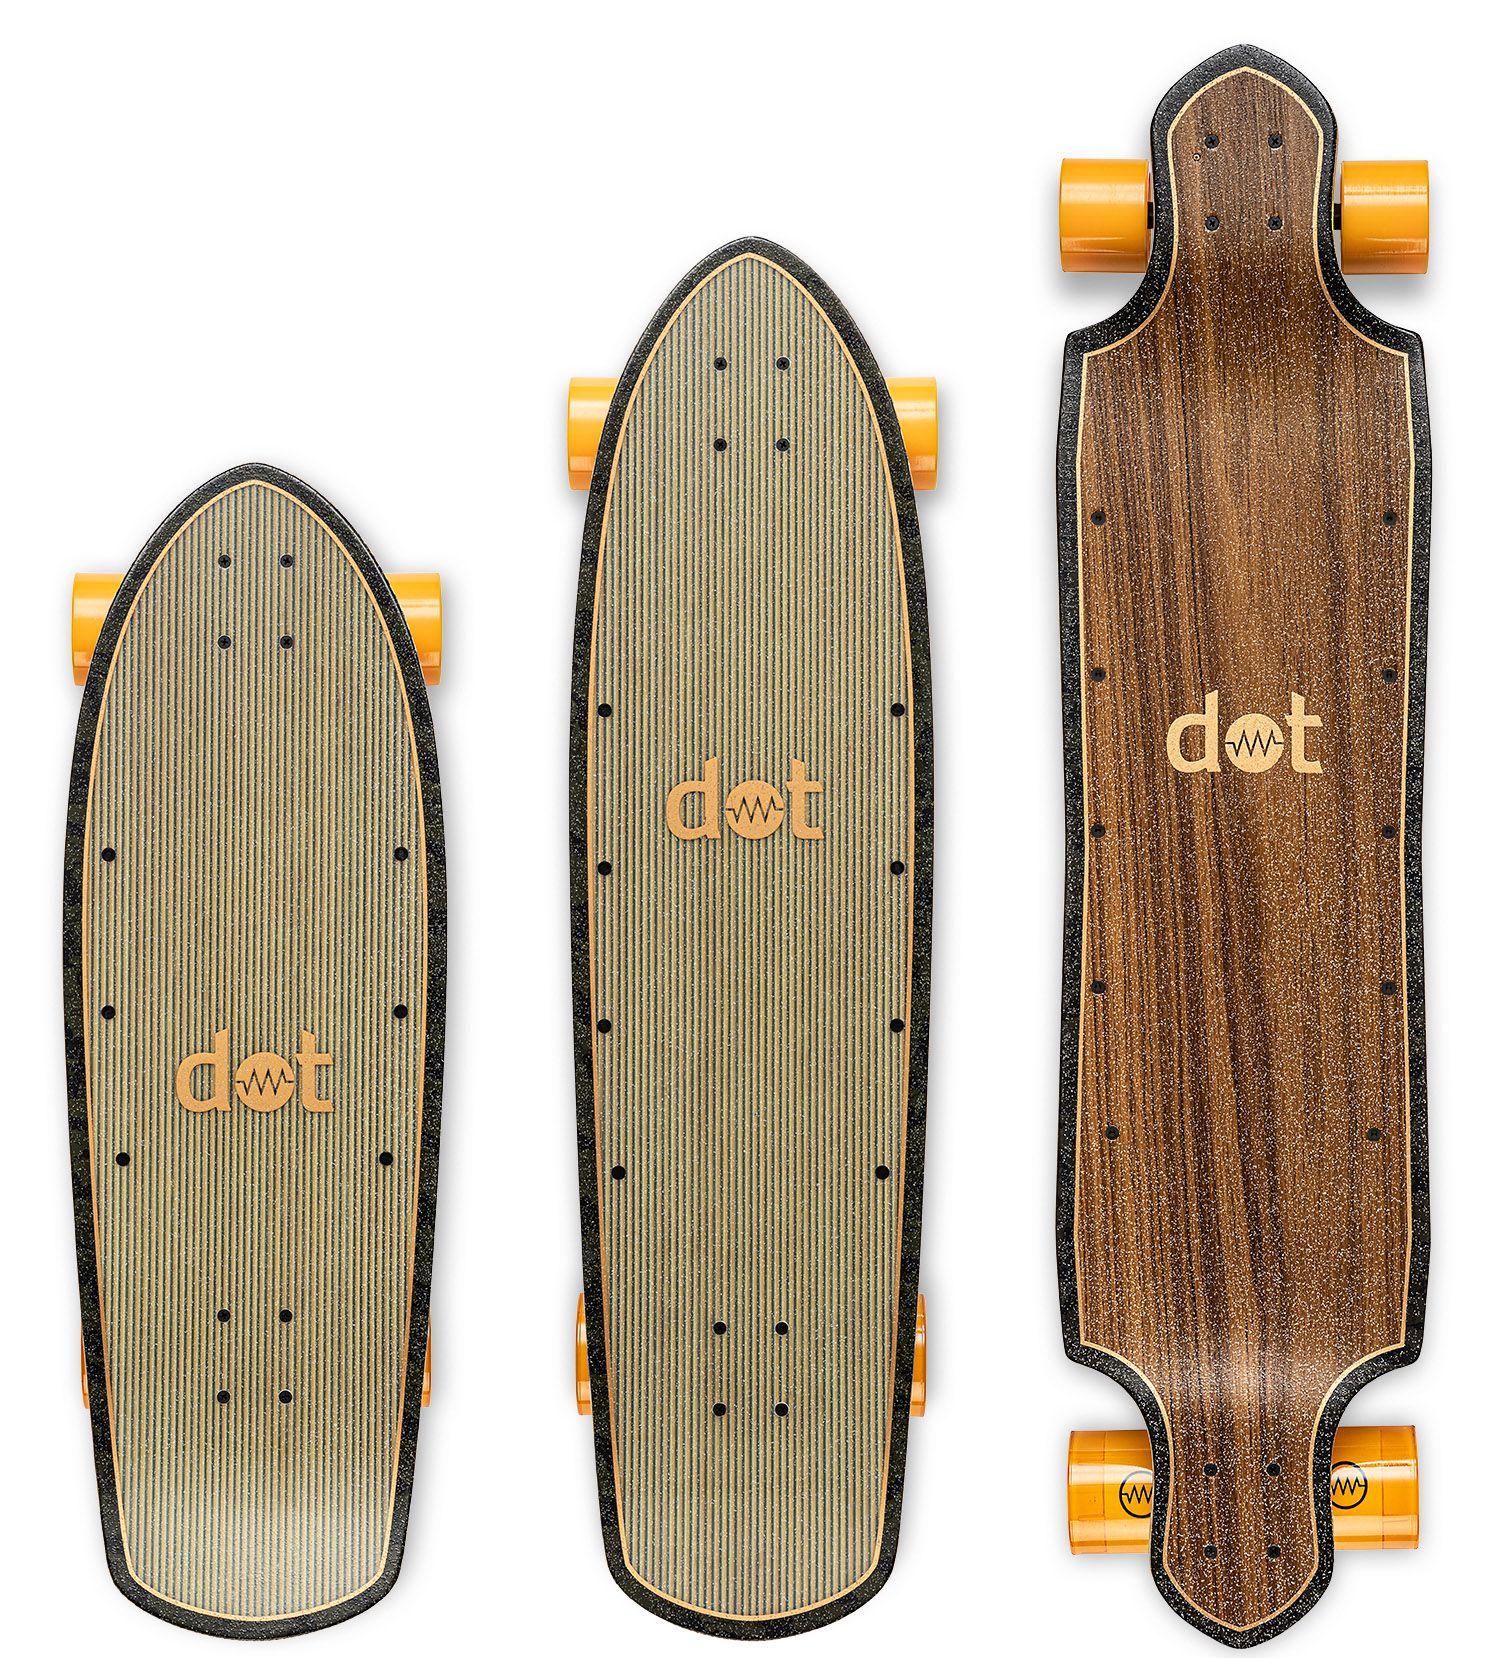 Dot Boards